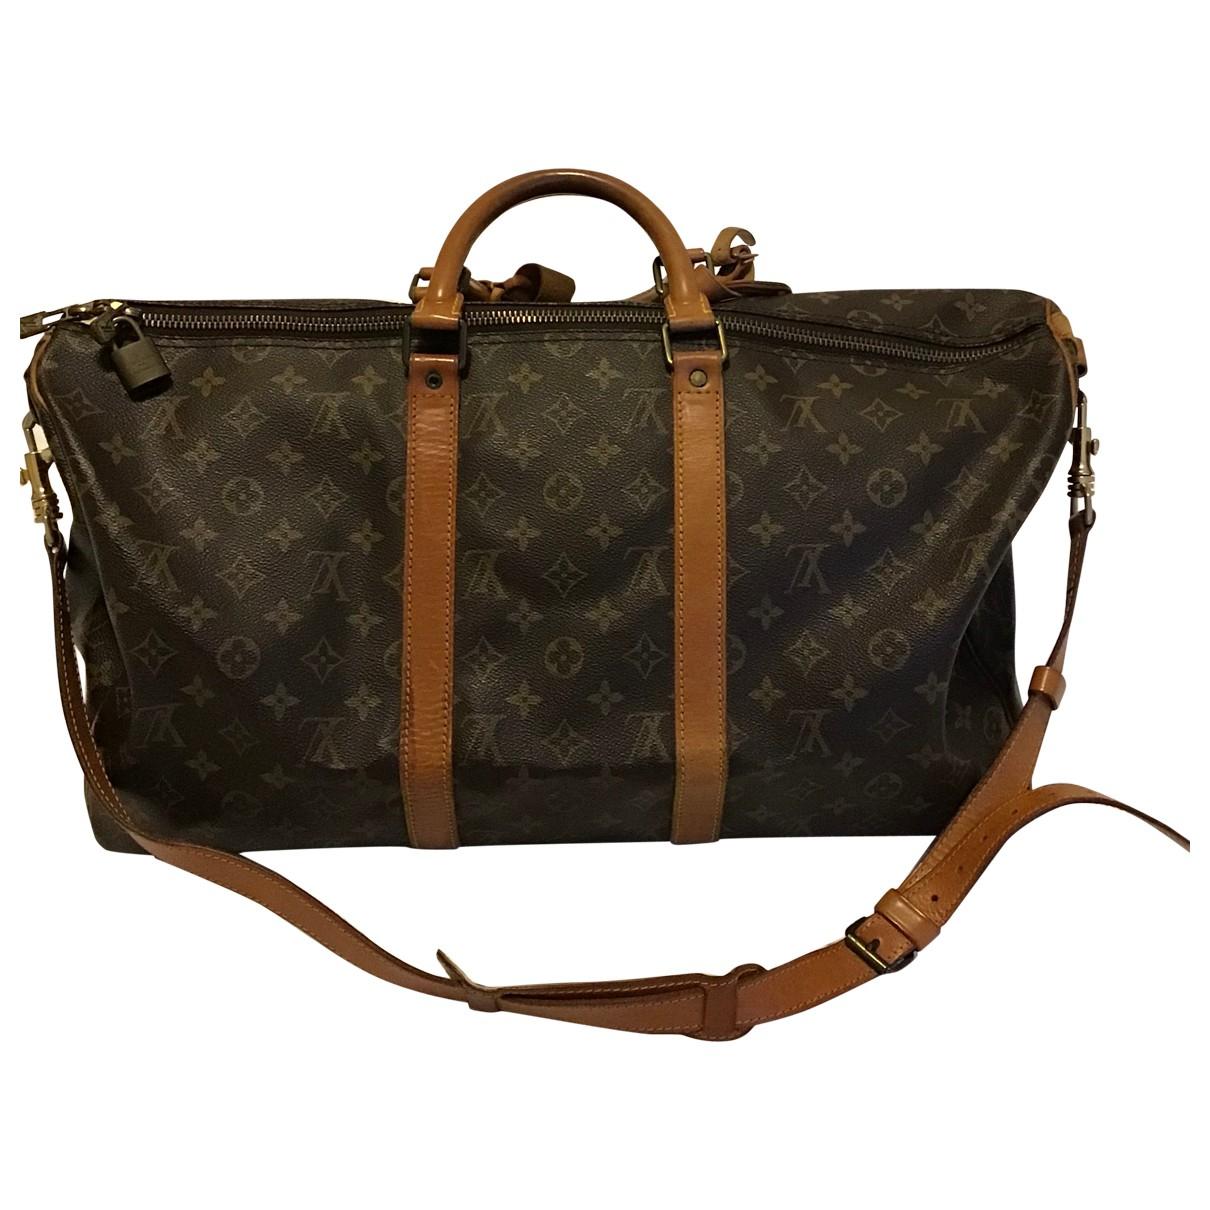 Louis Vuitton - Sac de voyage Keepall pour femme en toile - anthracite